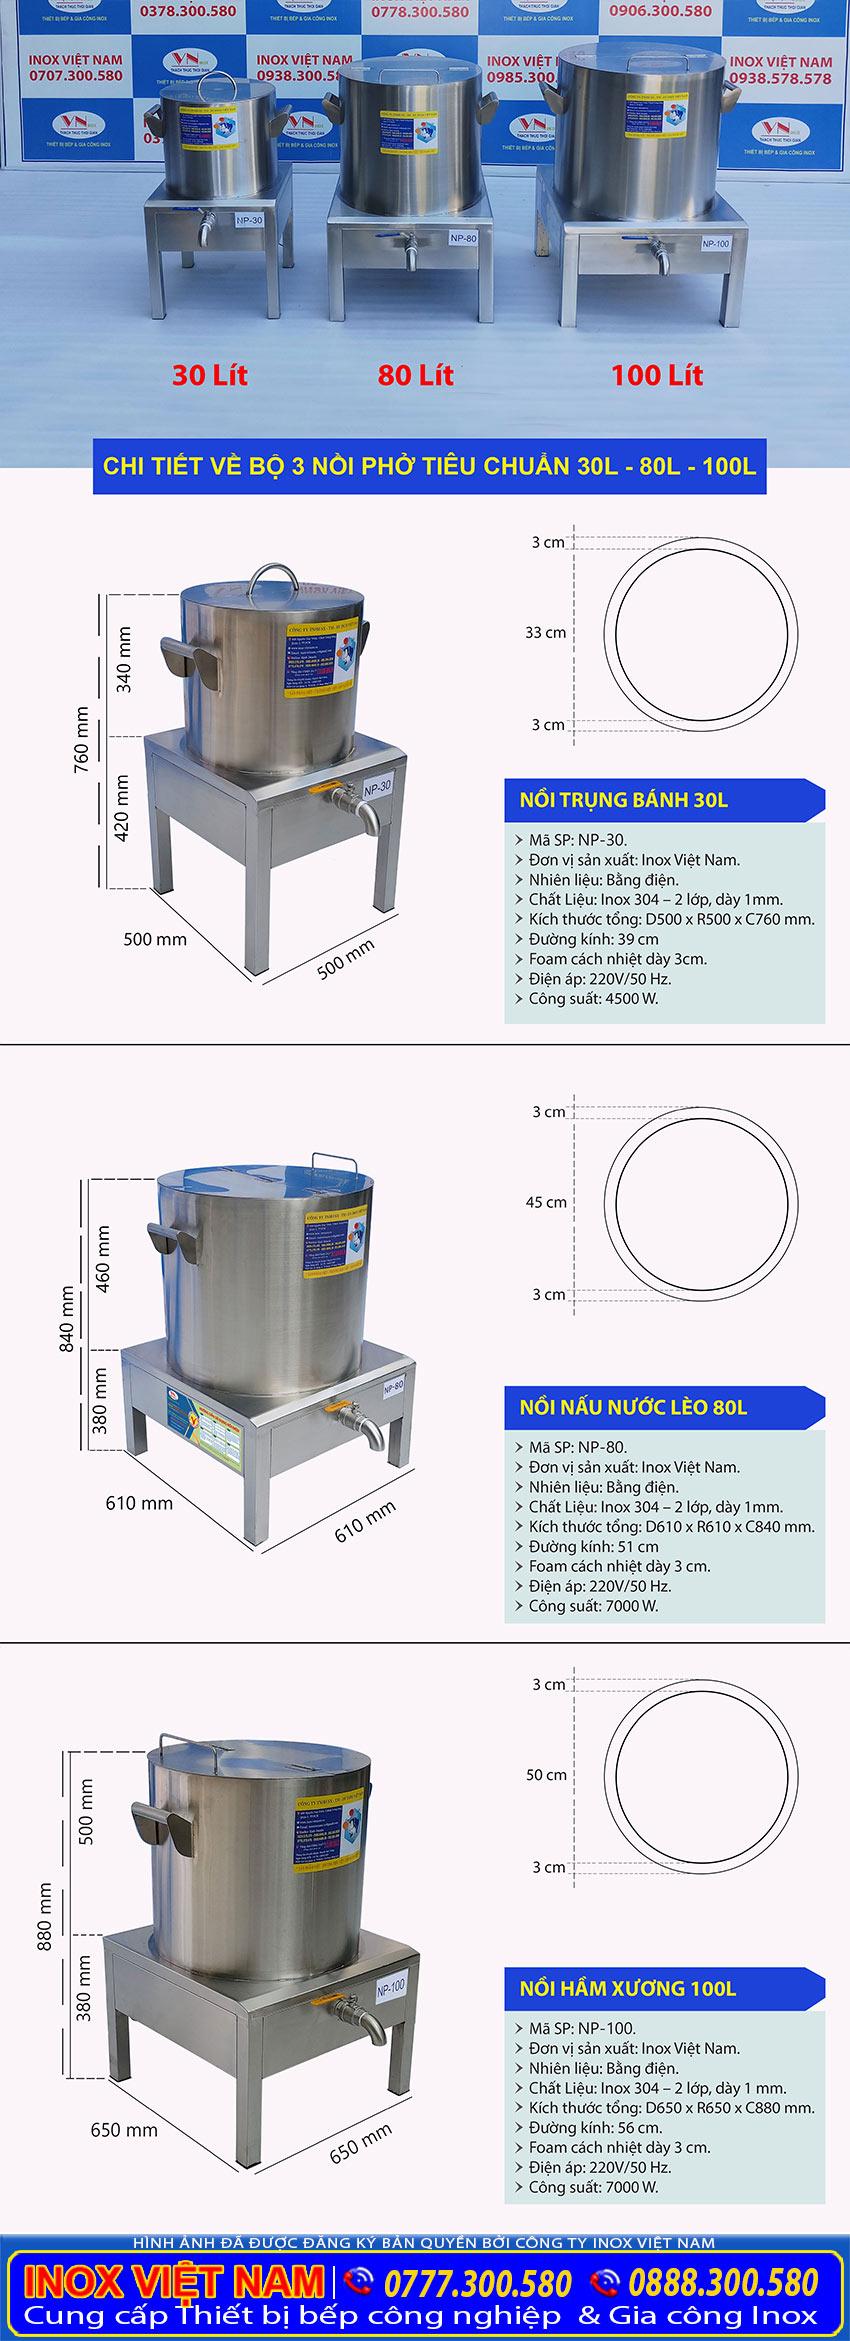 Thông số kỹ thuật Bộ Nồi Hấp Phở Bằng Điện| Nồi Nấu Hũ Tiếu Bằng Điện| Nồi Điện Hầm Xương.